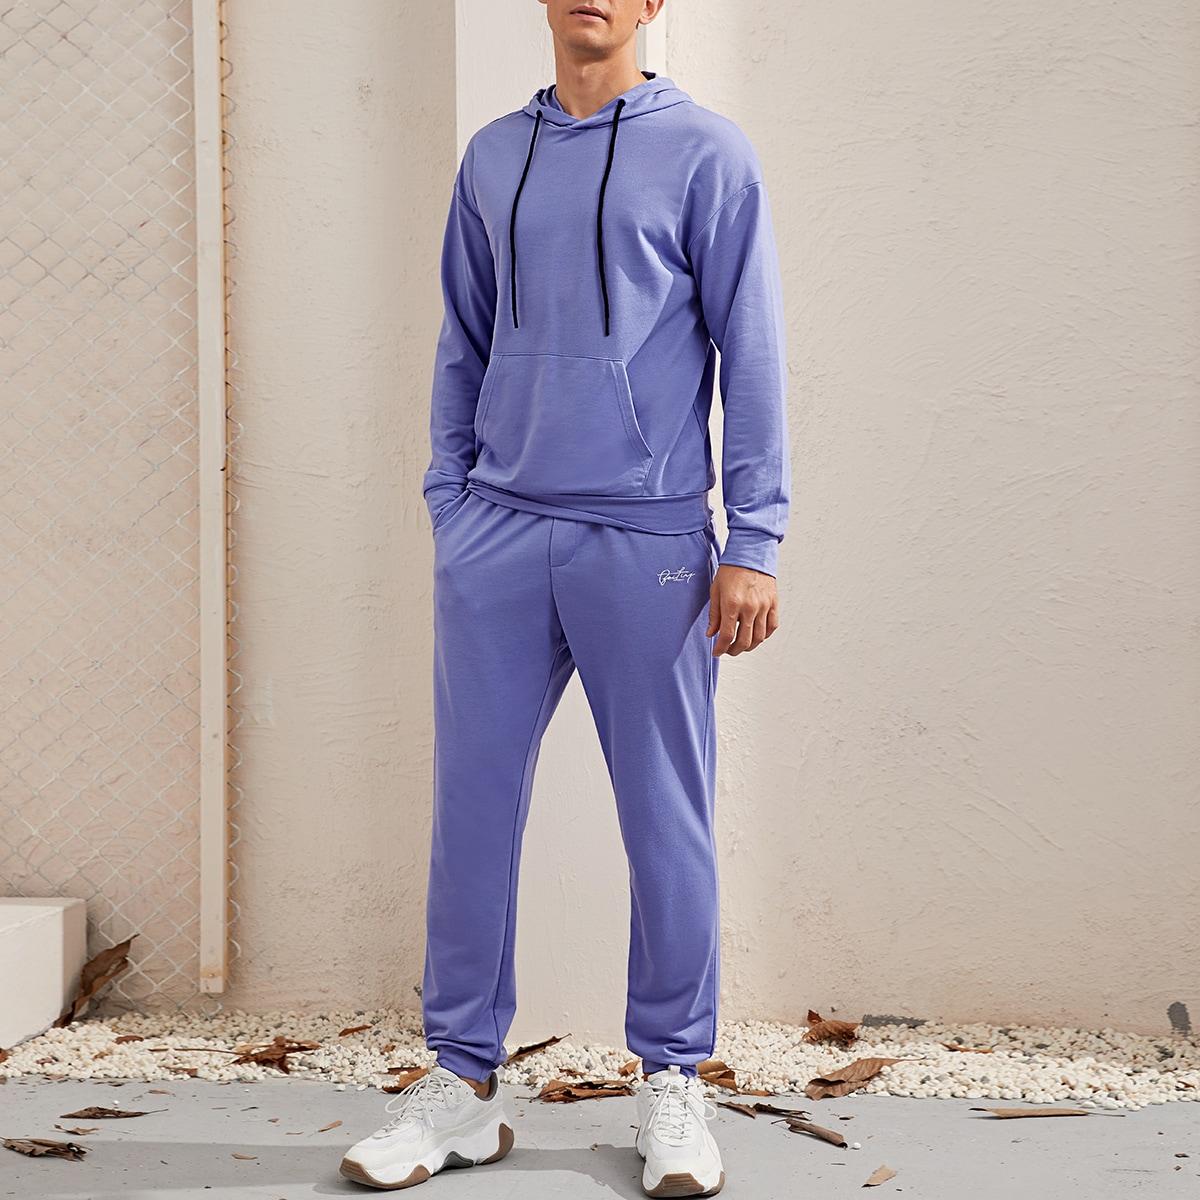 Мужская толстовка и спортивные брюки с текстовой